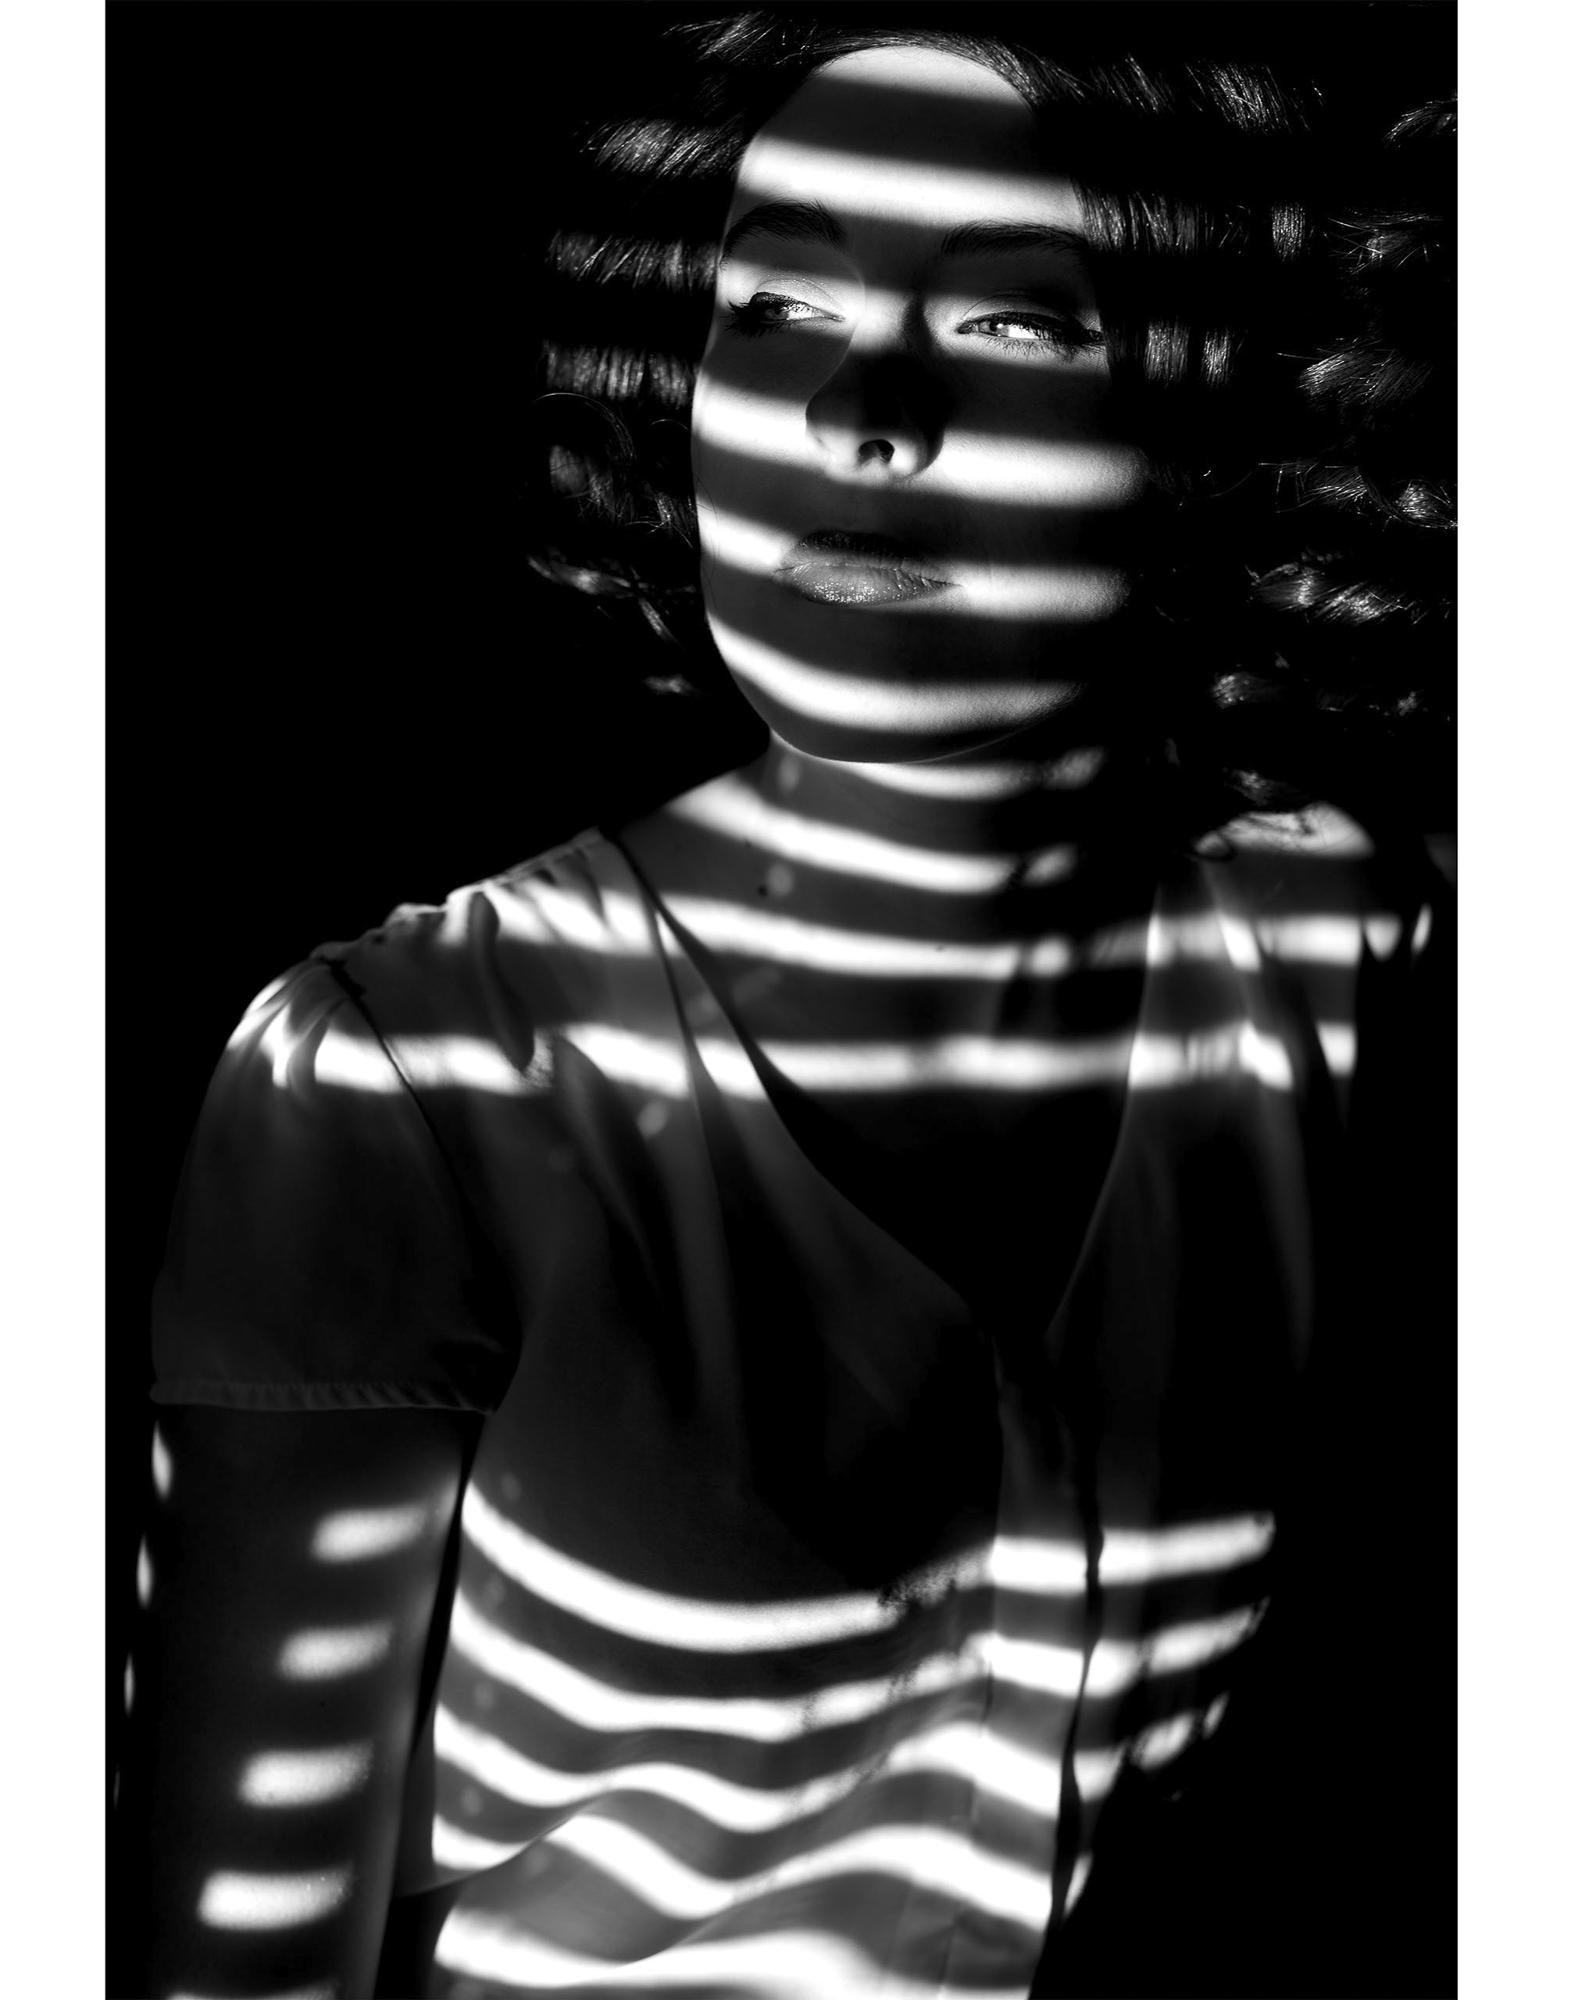 emily_filmnoire-103.jpg